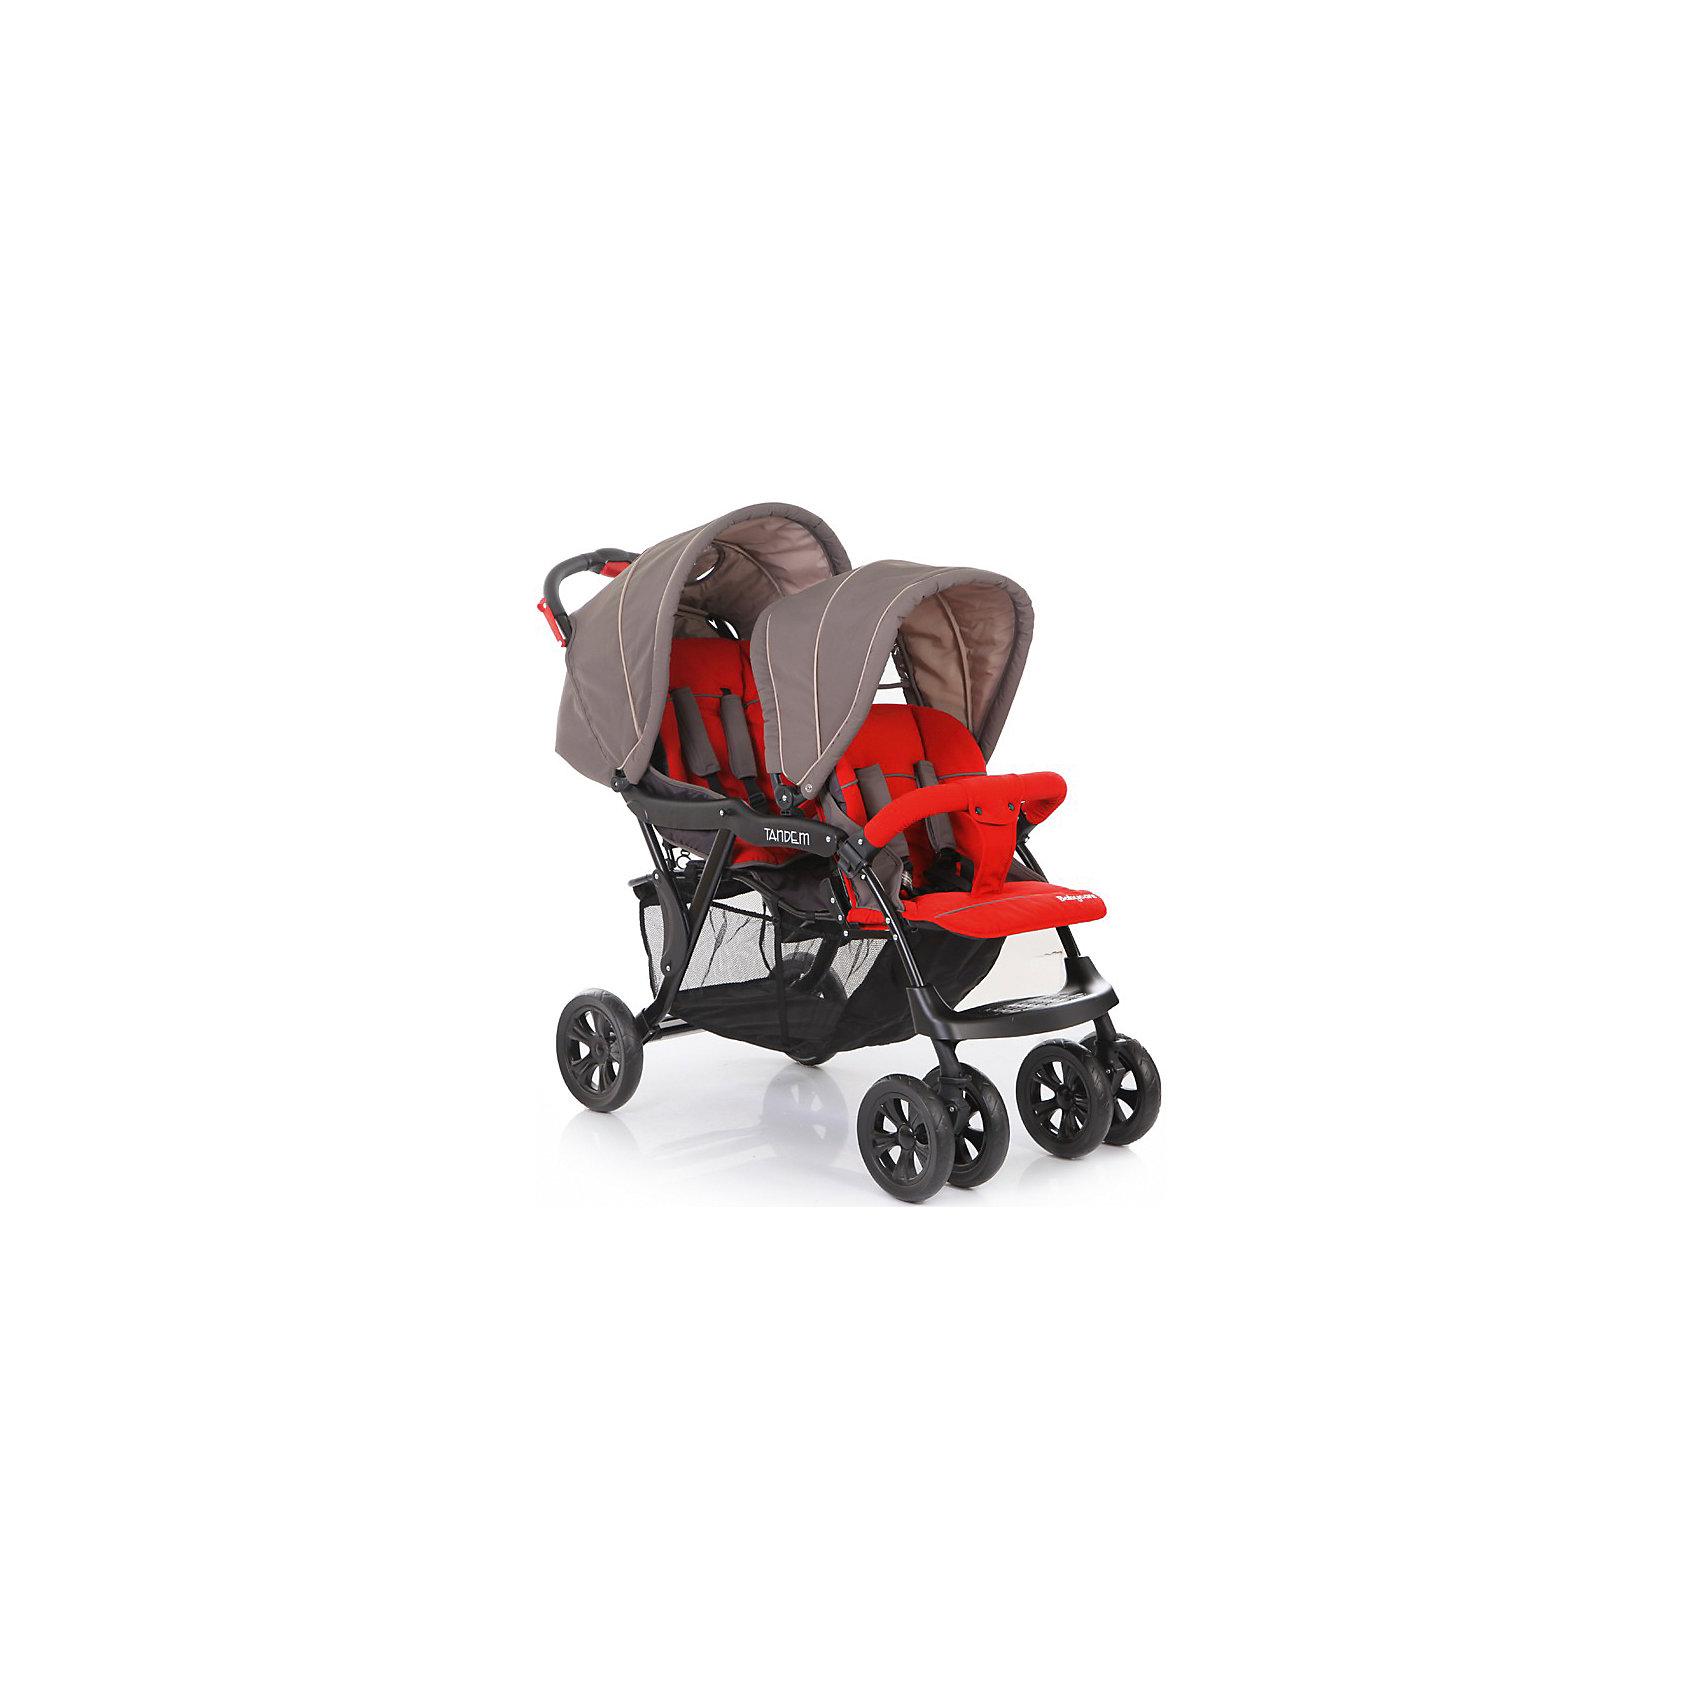 Прогулочная коляска для двойни Baby Care Tandem, серый/красныйПрогулочные коляски<br>Характеристики коляски для двойни Baby Care Tandem:<br><br>• расположение прогулочных блоков: паровозиком;<br>• угол наклона спинки регулируется: на переднем блоке в 2-х положениях, на заднем блоке в нескольких положениях, с помощью ремня;<br>• регулируемые капюшоны;<br>• на капюшоне второго блока имеется кармашек и смотровое окошко;<br>• подножка регулируется;<br>• дополнительная пластиковая подножка;<br>• наличие 5-ти точечных ремней безопасности с мягкими накладками;<br>• съемный бампер, один, на переднем прогулочном блоке;<br>• тканевый разделитель для ножек, крепится кнопками к переднему бамперу;<br>• материал прогулочных блоков: полиэстер. <br><br>Характеристики шасси коляски Baby Care Tandem:<br><br>• тип складывания: книжка;<br>• передние колеса двойные, поворотные с блокировкой;<br>• задние колеса одинарные;<br>• задний стояночный тормоз;<br>• вместительная корзина для покупок;<br>• материал рамы: алюминий;<br>• материал колес: пластик.<br><br>Прогулочная коляска для двойни представлена паровозиком, используется для детей в возрасте от 6 месяцев до 3-х лет, вес которых находится в пределах 15 кг каждого ребенка. Регулируемые спинки и капюшоны позволяют подобрать для малышей удобное положение, регулируются независимо друг от друга.  <br><br>Размеры коляски для двойни:<br><br>• размер в разложенном виде: 120х57х112 см;<br>• размер в сложенном виде: 99х57х37 см;<br>• вес коляски: 13,5 кг;<br>• ширина каждого сиденья: 37 см;<br>• ширина колесной базы: 57 см;<br>• размер корзины для покупок: 70х31х25 см;<br>• диаметр передних колес: 20,3 см;<br>• диаметр задних колес: 25,4 см;<br>• размер упаковки: 47х32х94 см;<br>• вес упаковки: 15,5 кг.<br><br>Комплектация: <br><br>• 2 прогулочных блока с капюшонами и бампером;<br>• шасси с колесами;<br>• корзина для покупок;<br>• 2 накидки на ножки;<br>• инструкция. <br><br>Прогулочную коляску для двойни Tandem, Baby Care, красную можно купит